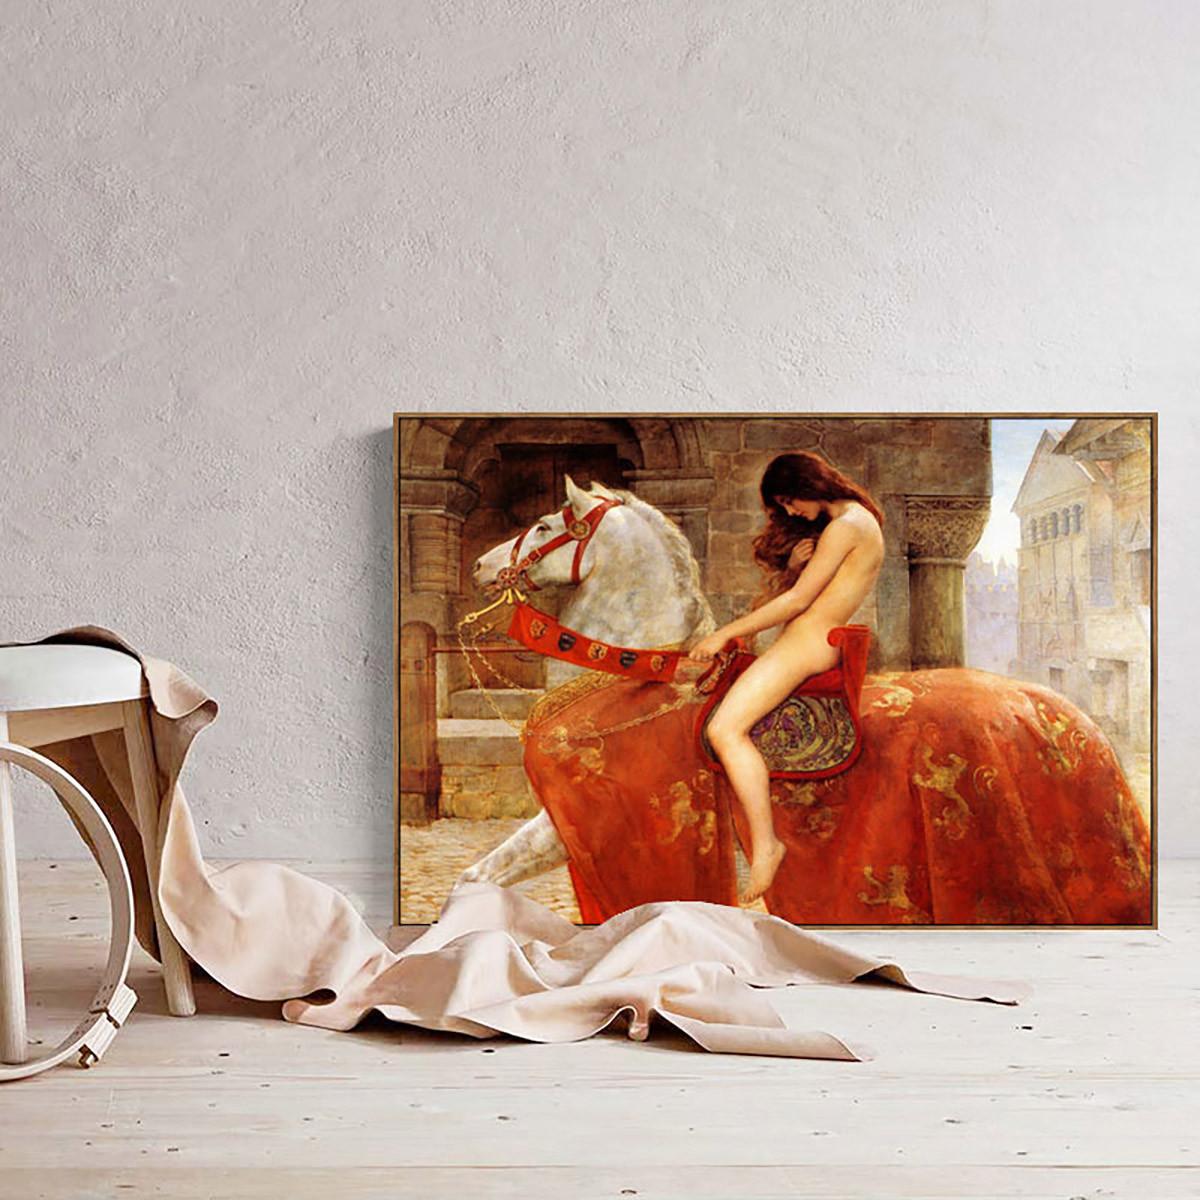 伊佳 卧室装饰画玄关过道壁挂画床头背景墙画马背上的女人高颜值